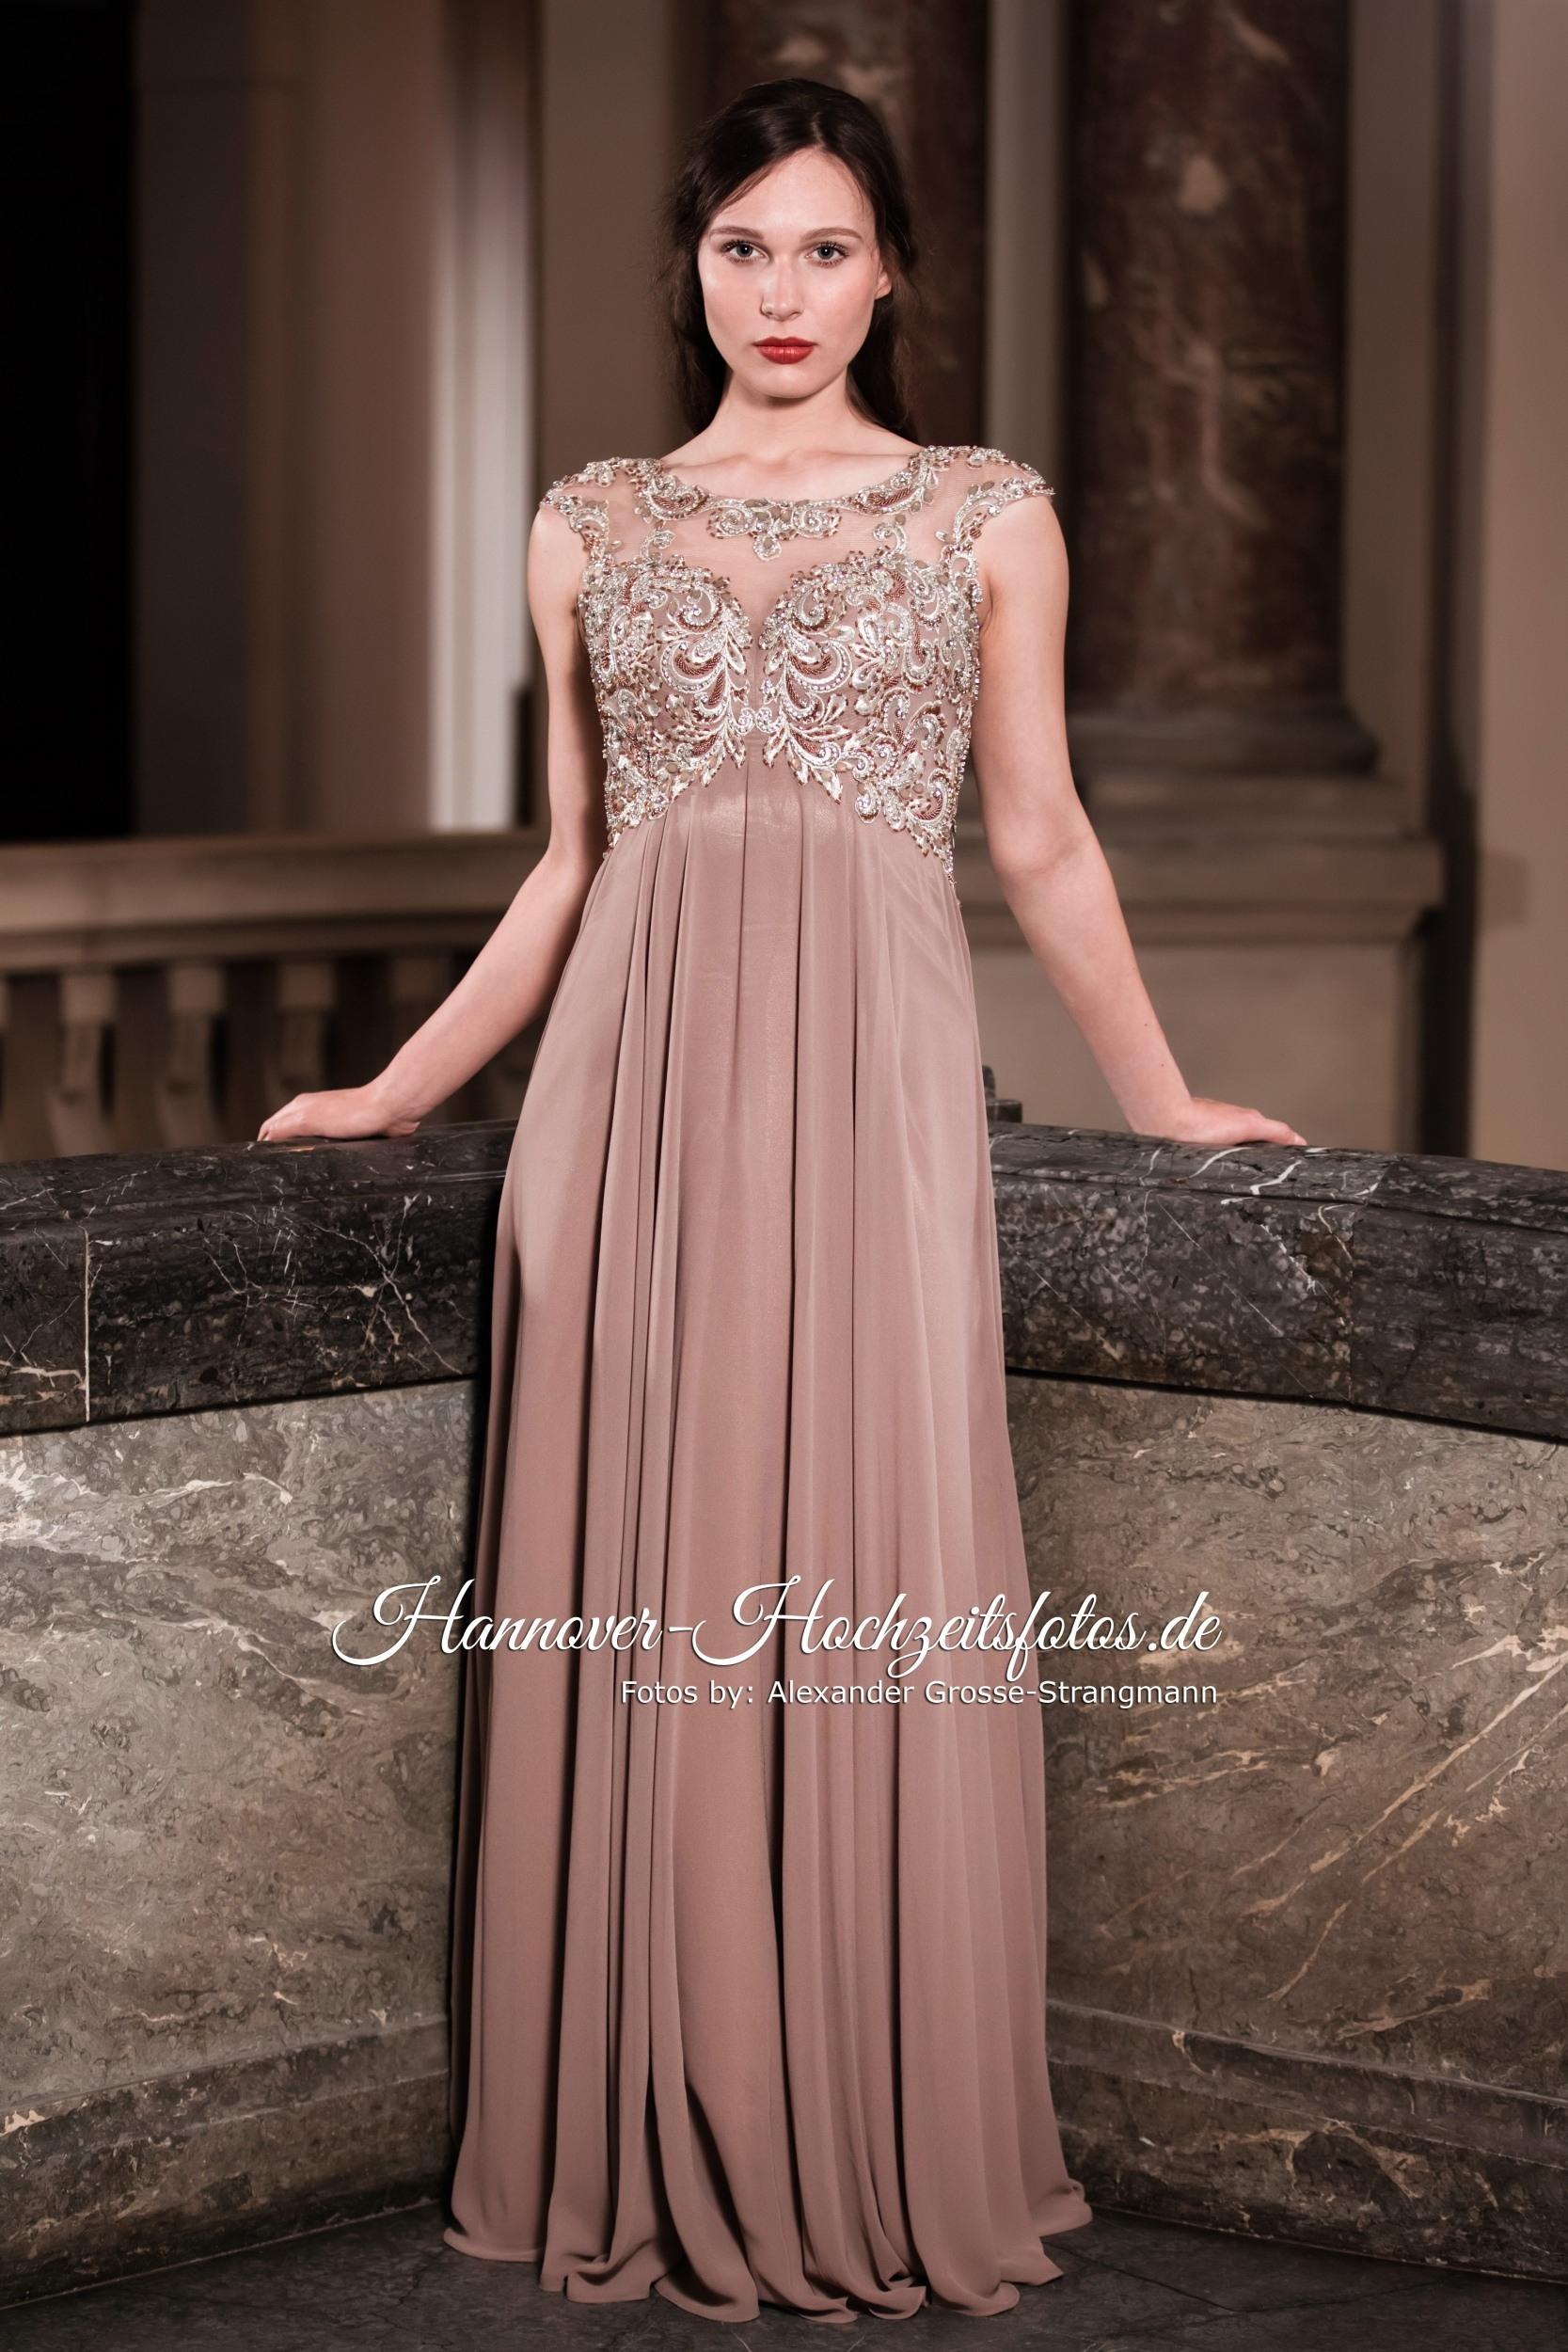 20 Schön Abend Kleid Hannover Galerie17 Ausgezeichnet Abend Kleid Hannover Boutique